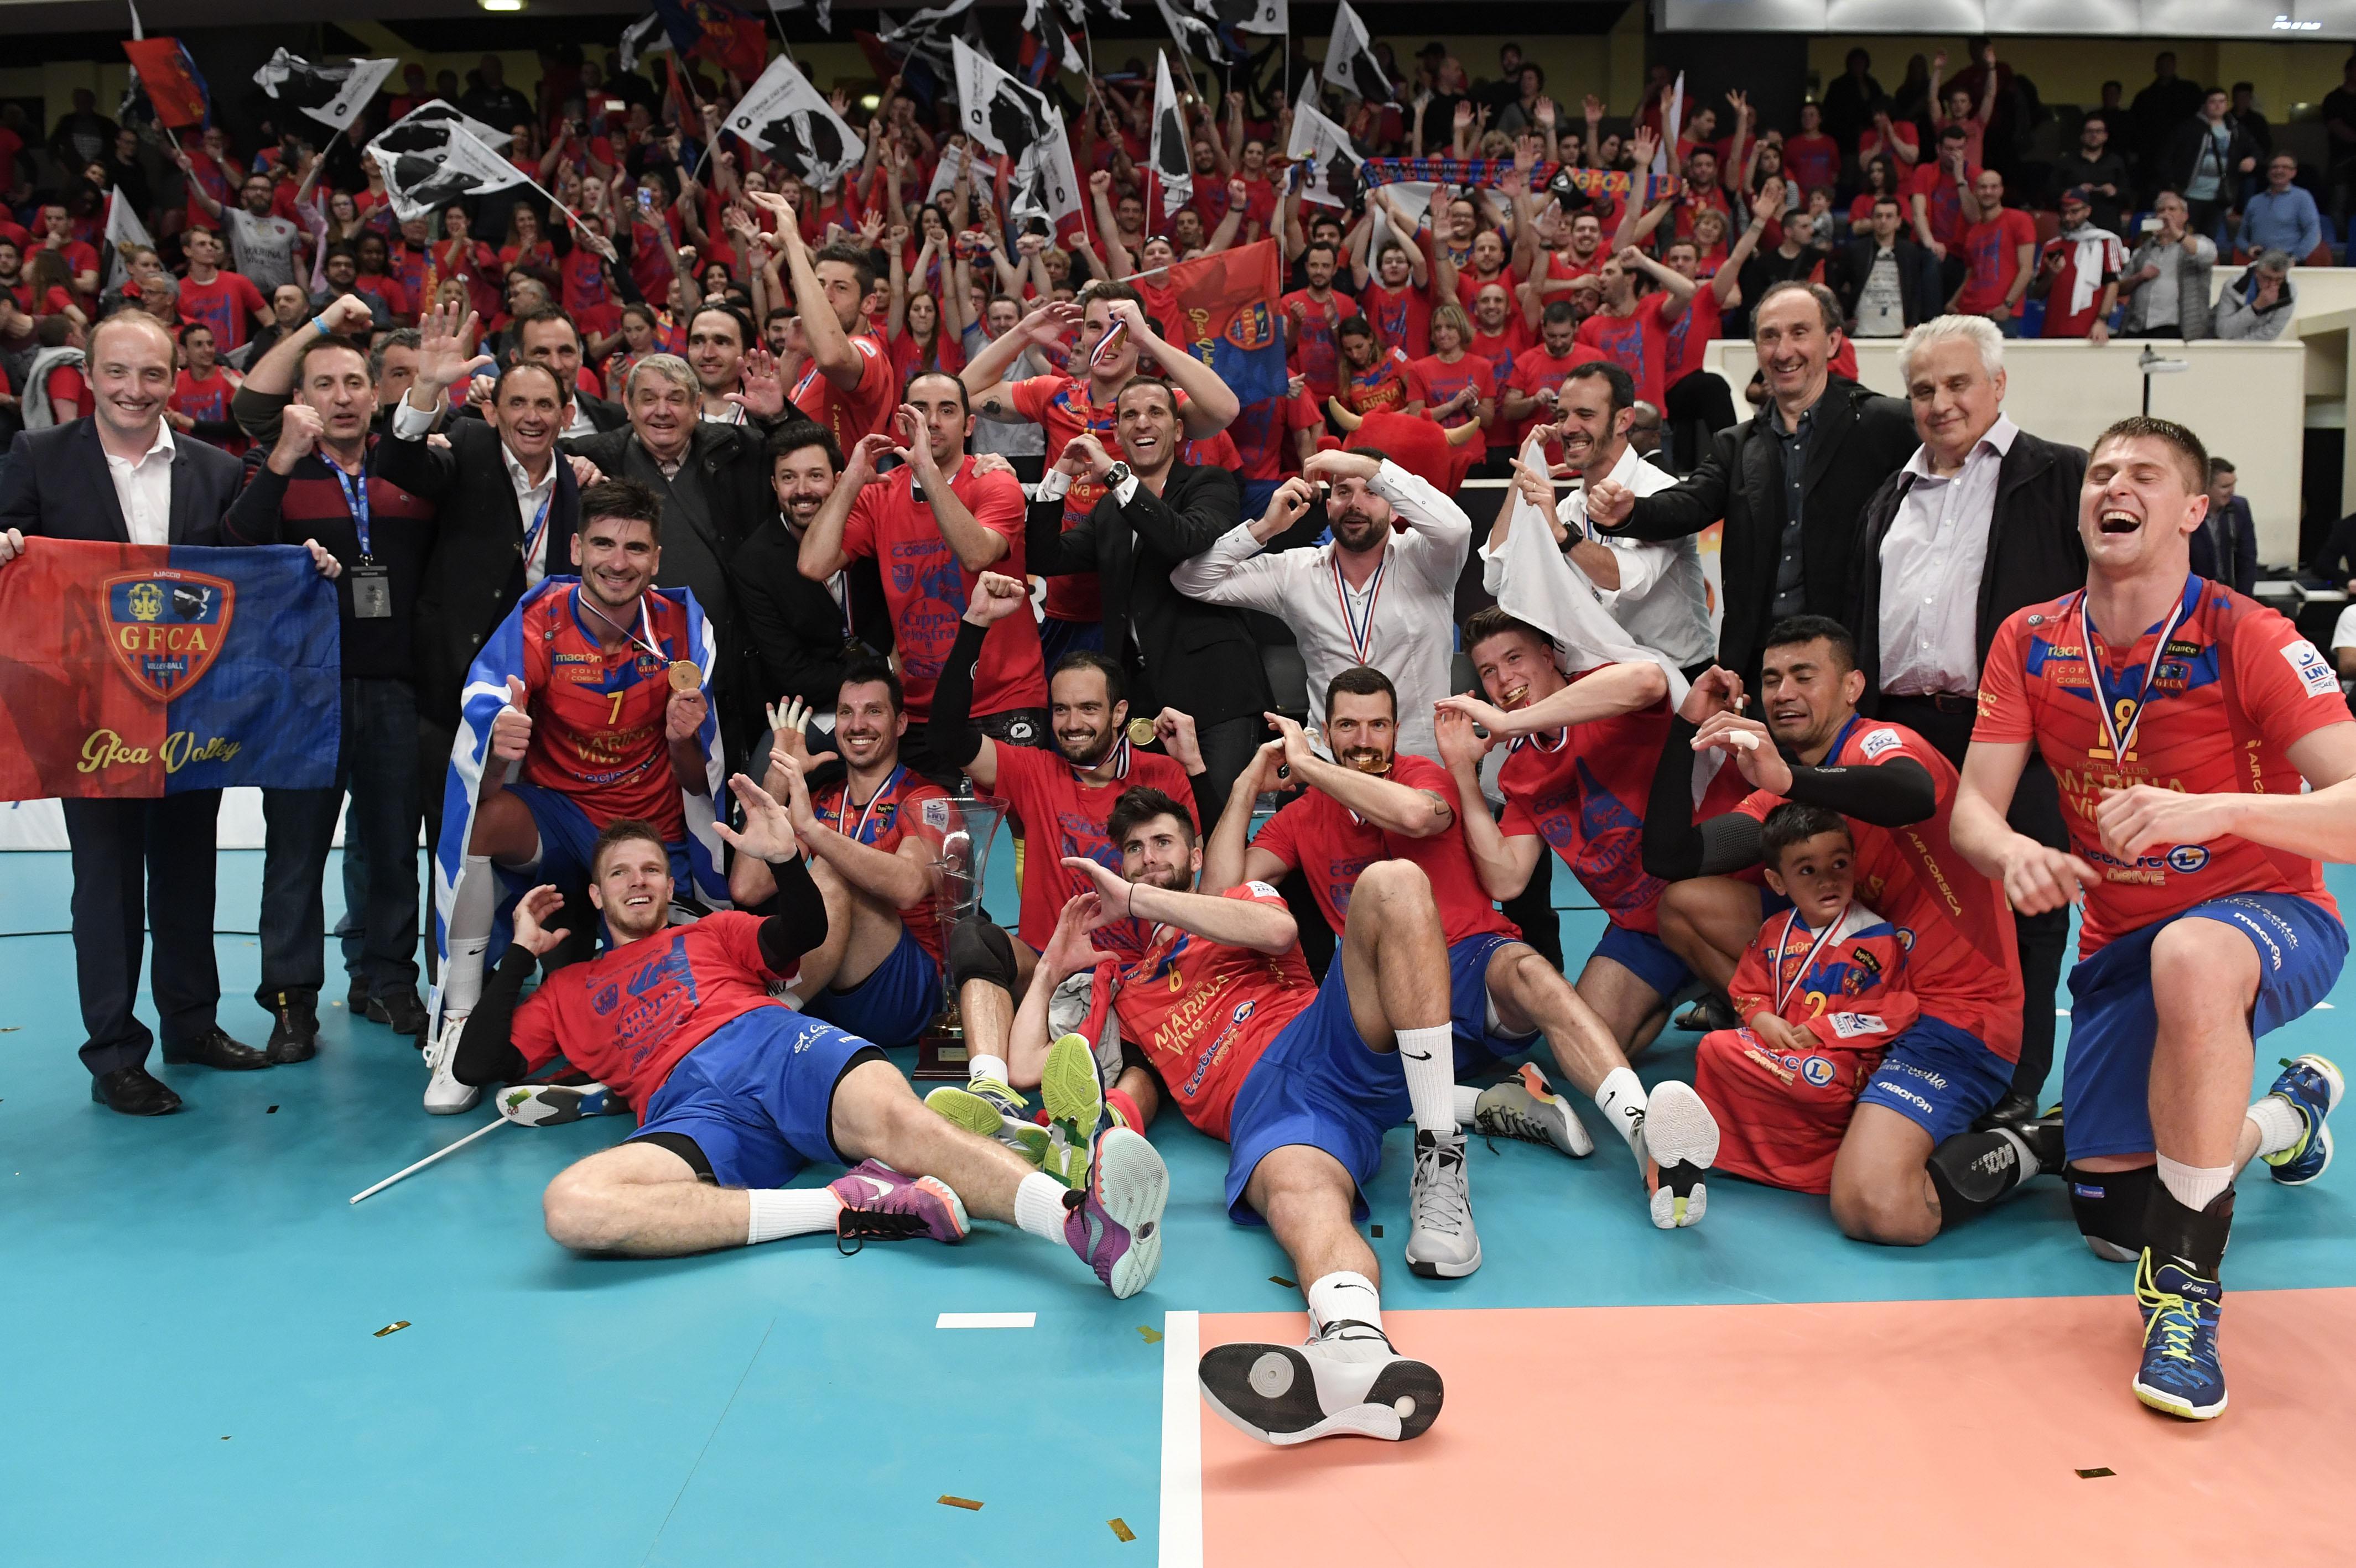 Victoire historique pour le gfca en finale de coupe de france de volley ball - Coupe de france de volley ...